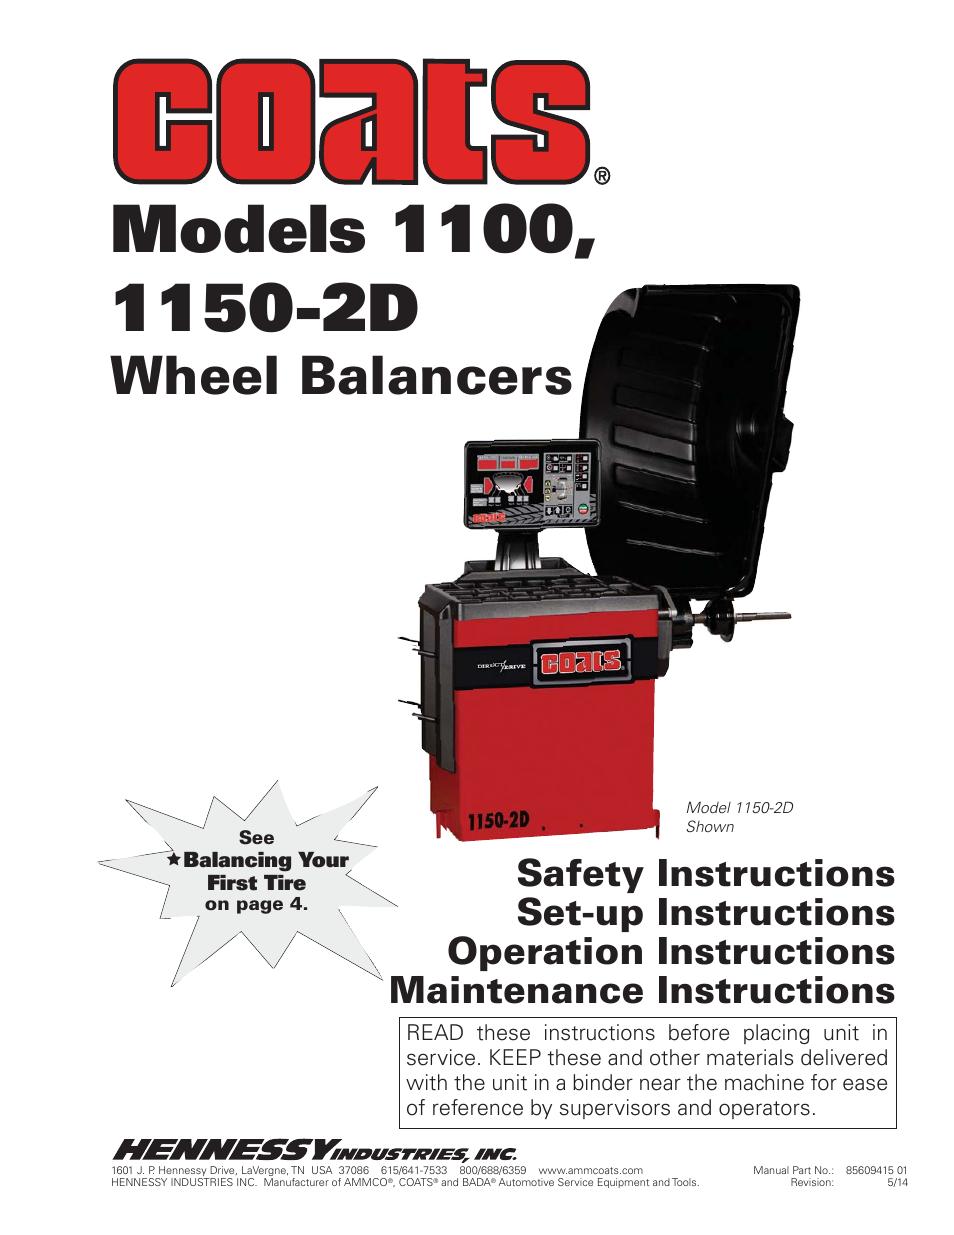 coats 1100 series balancer page1 coats 1100 series balancer user manual 28 pages coats 1001 wheel balancer wiring diagram at readyjetset.co